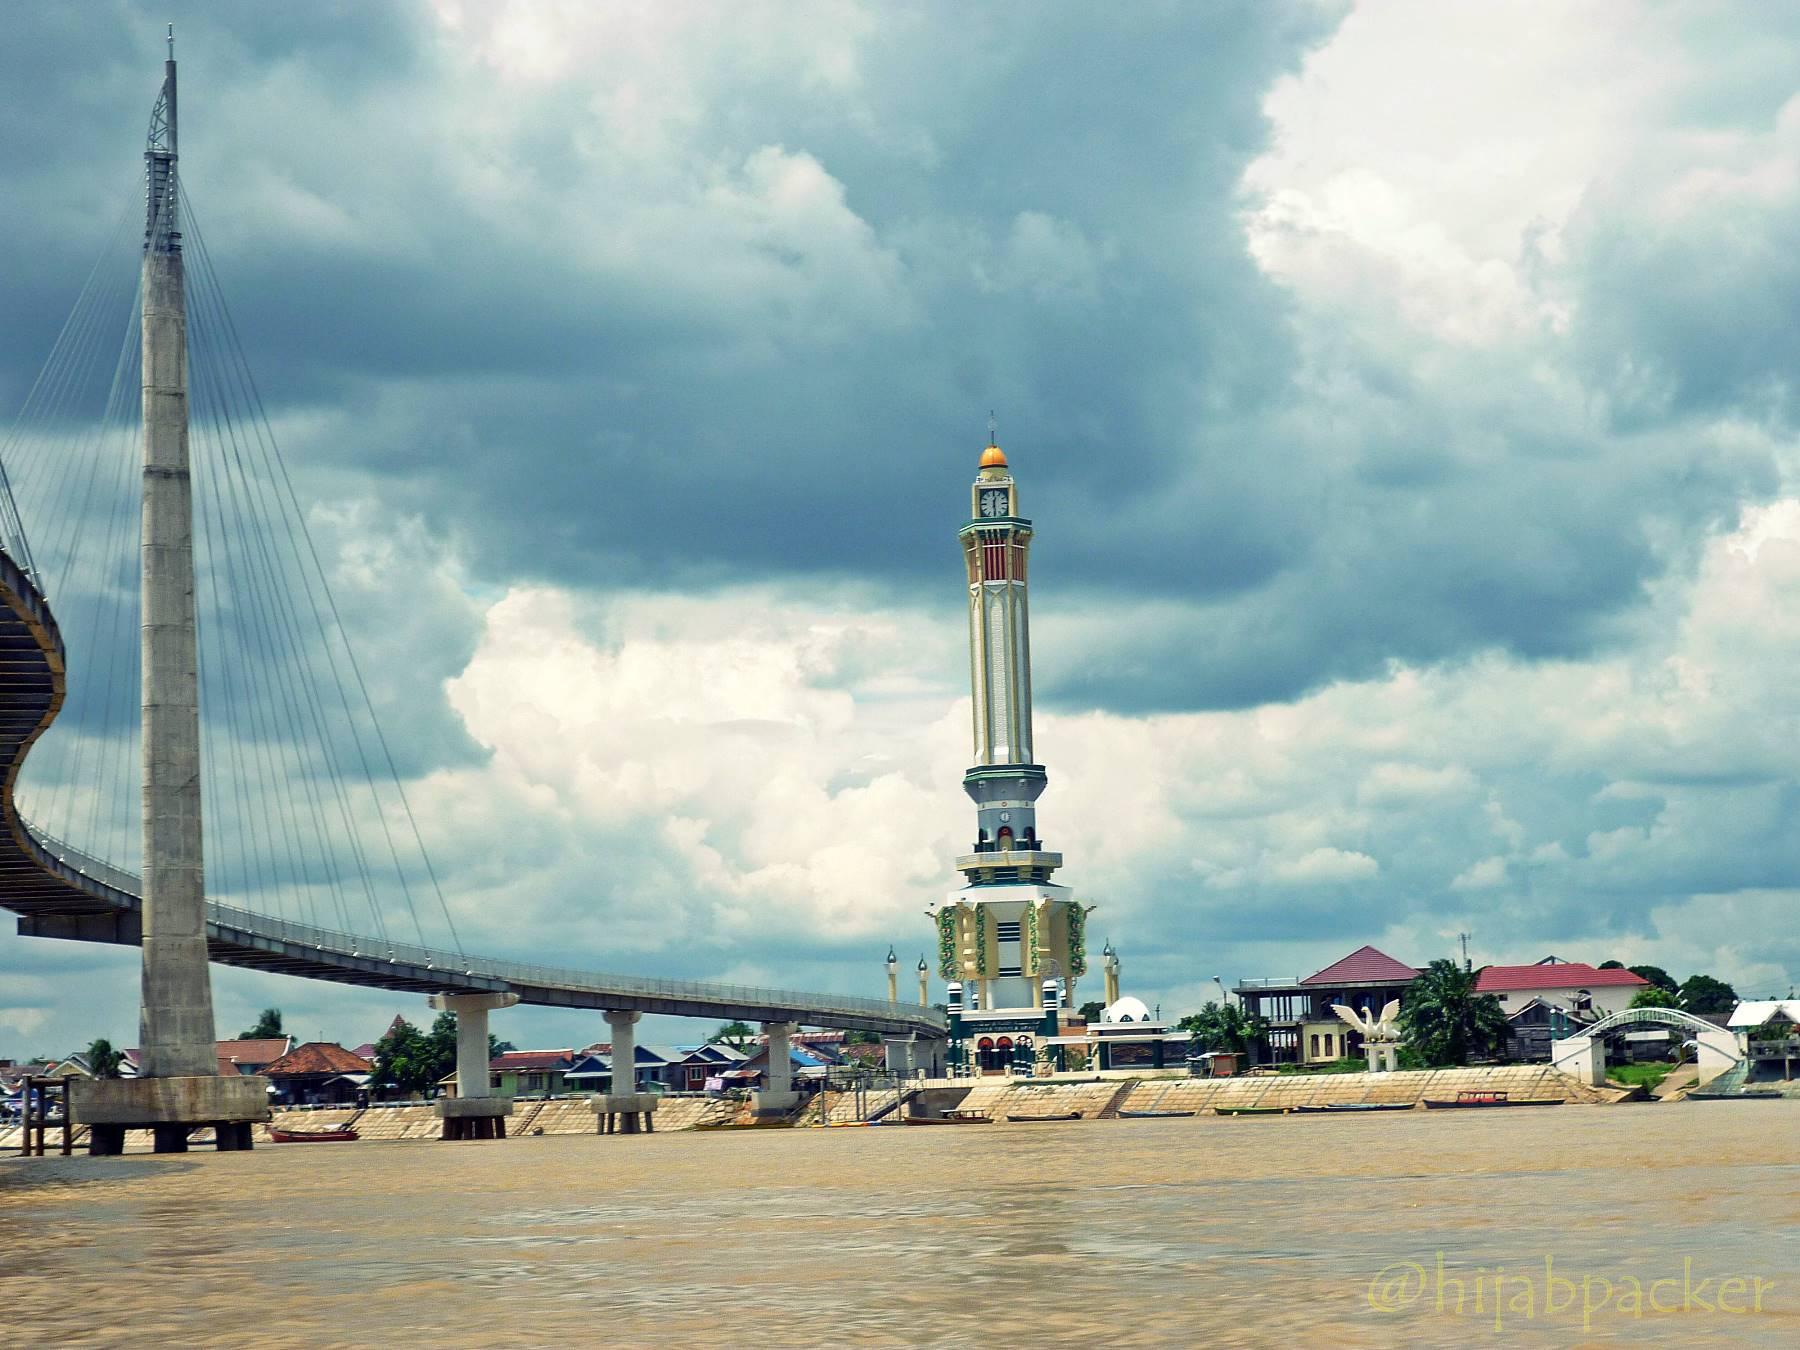 Gentala Arasy Ikon Kota Jambi Hijabpacker Total Panjang Jembatan 532